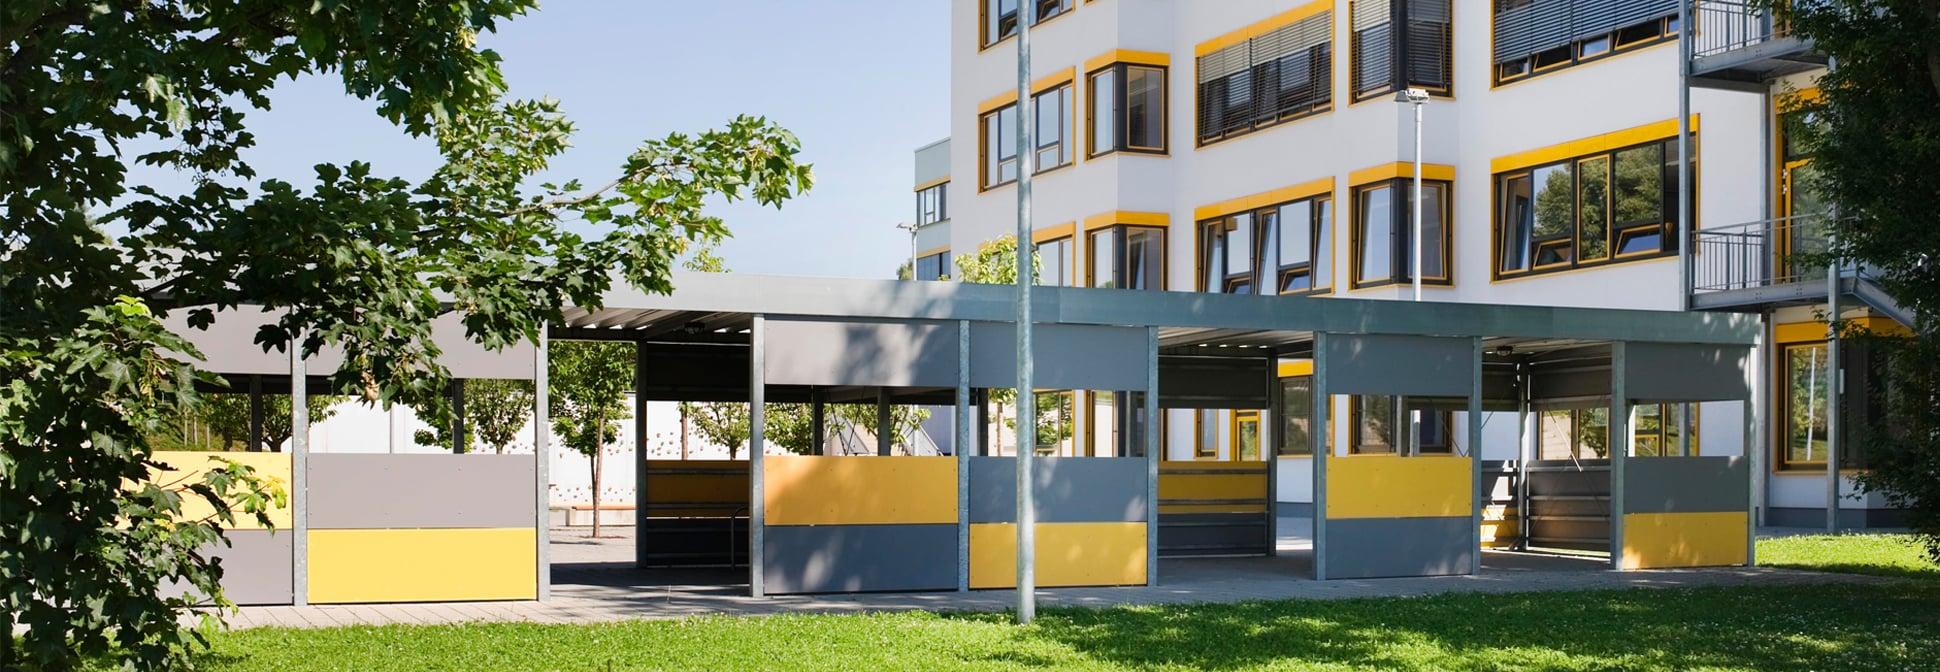 Schulen im Landkreis Hof